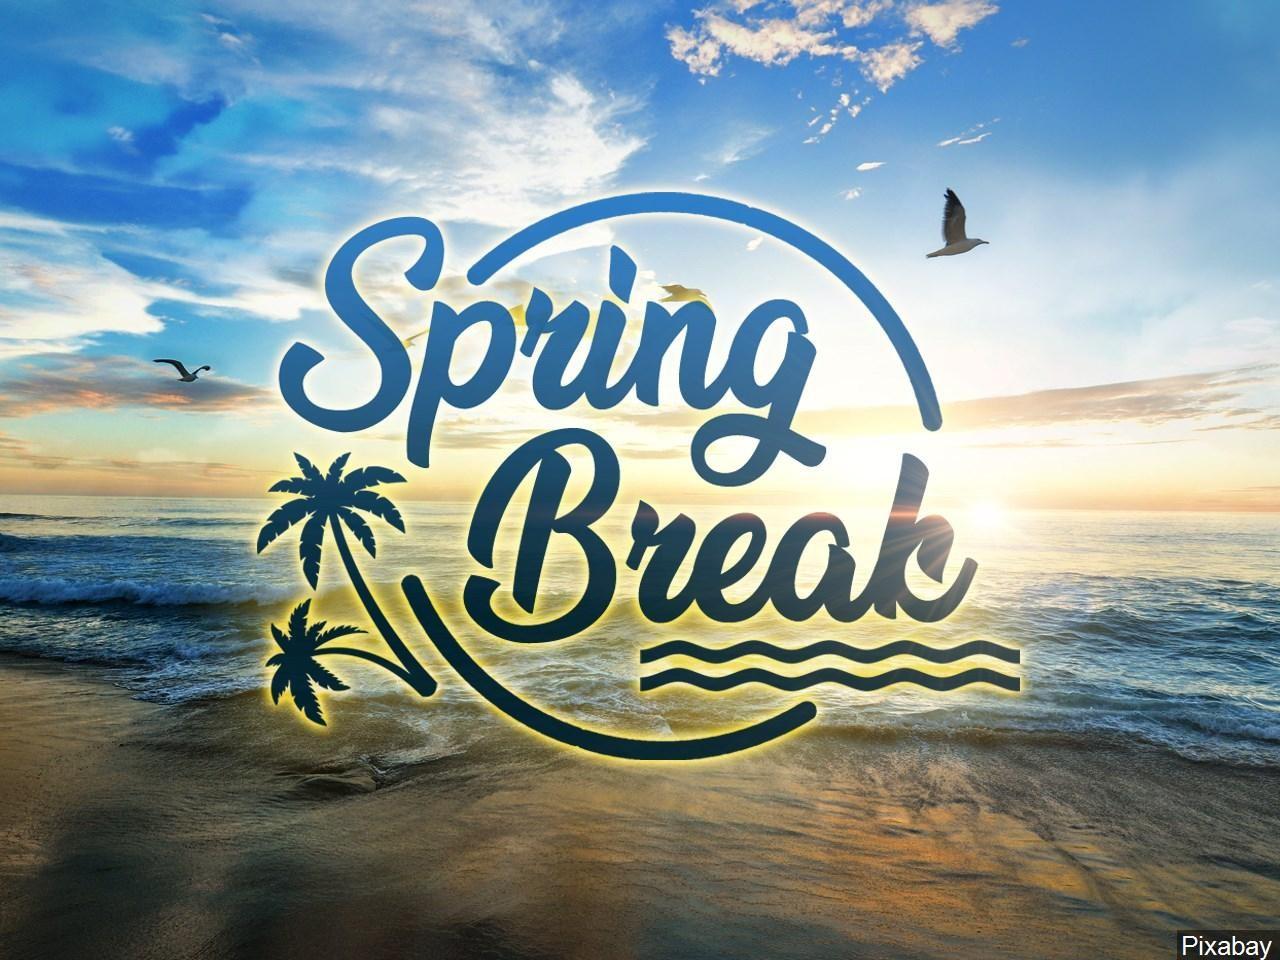 Colleges, Universities extending spring break | KVEO-TV